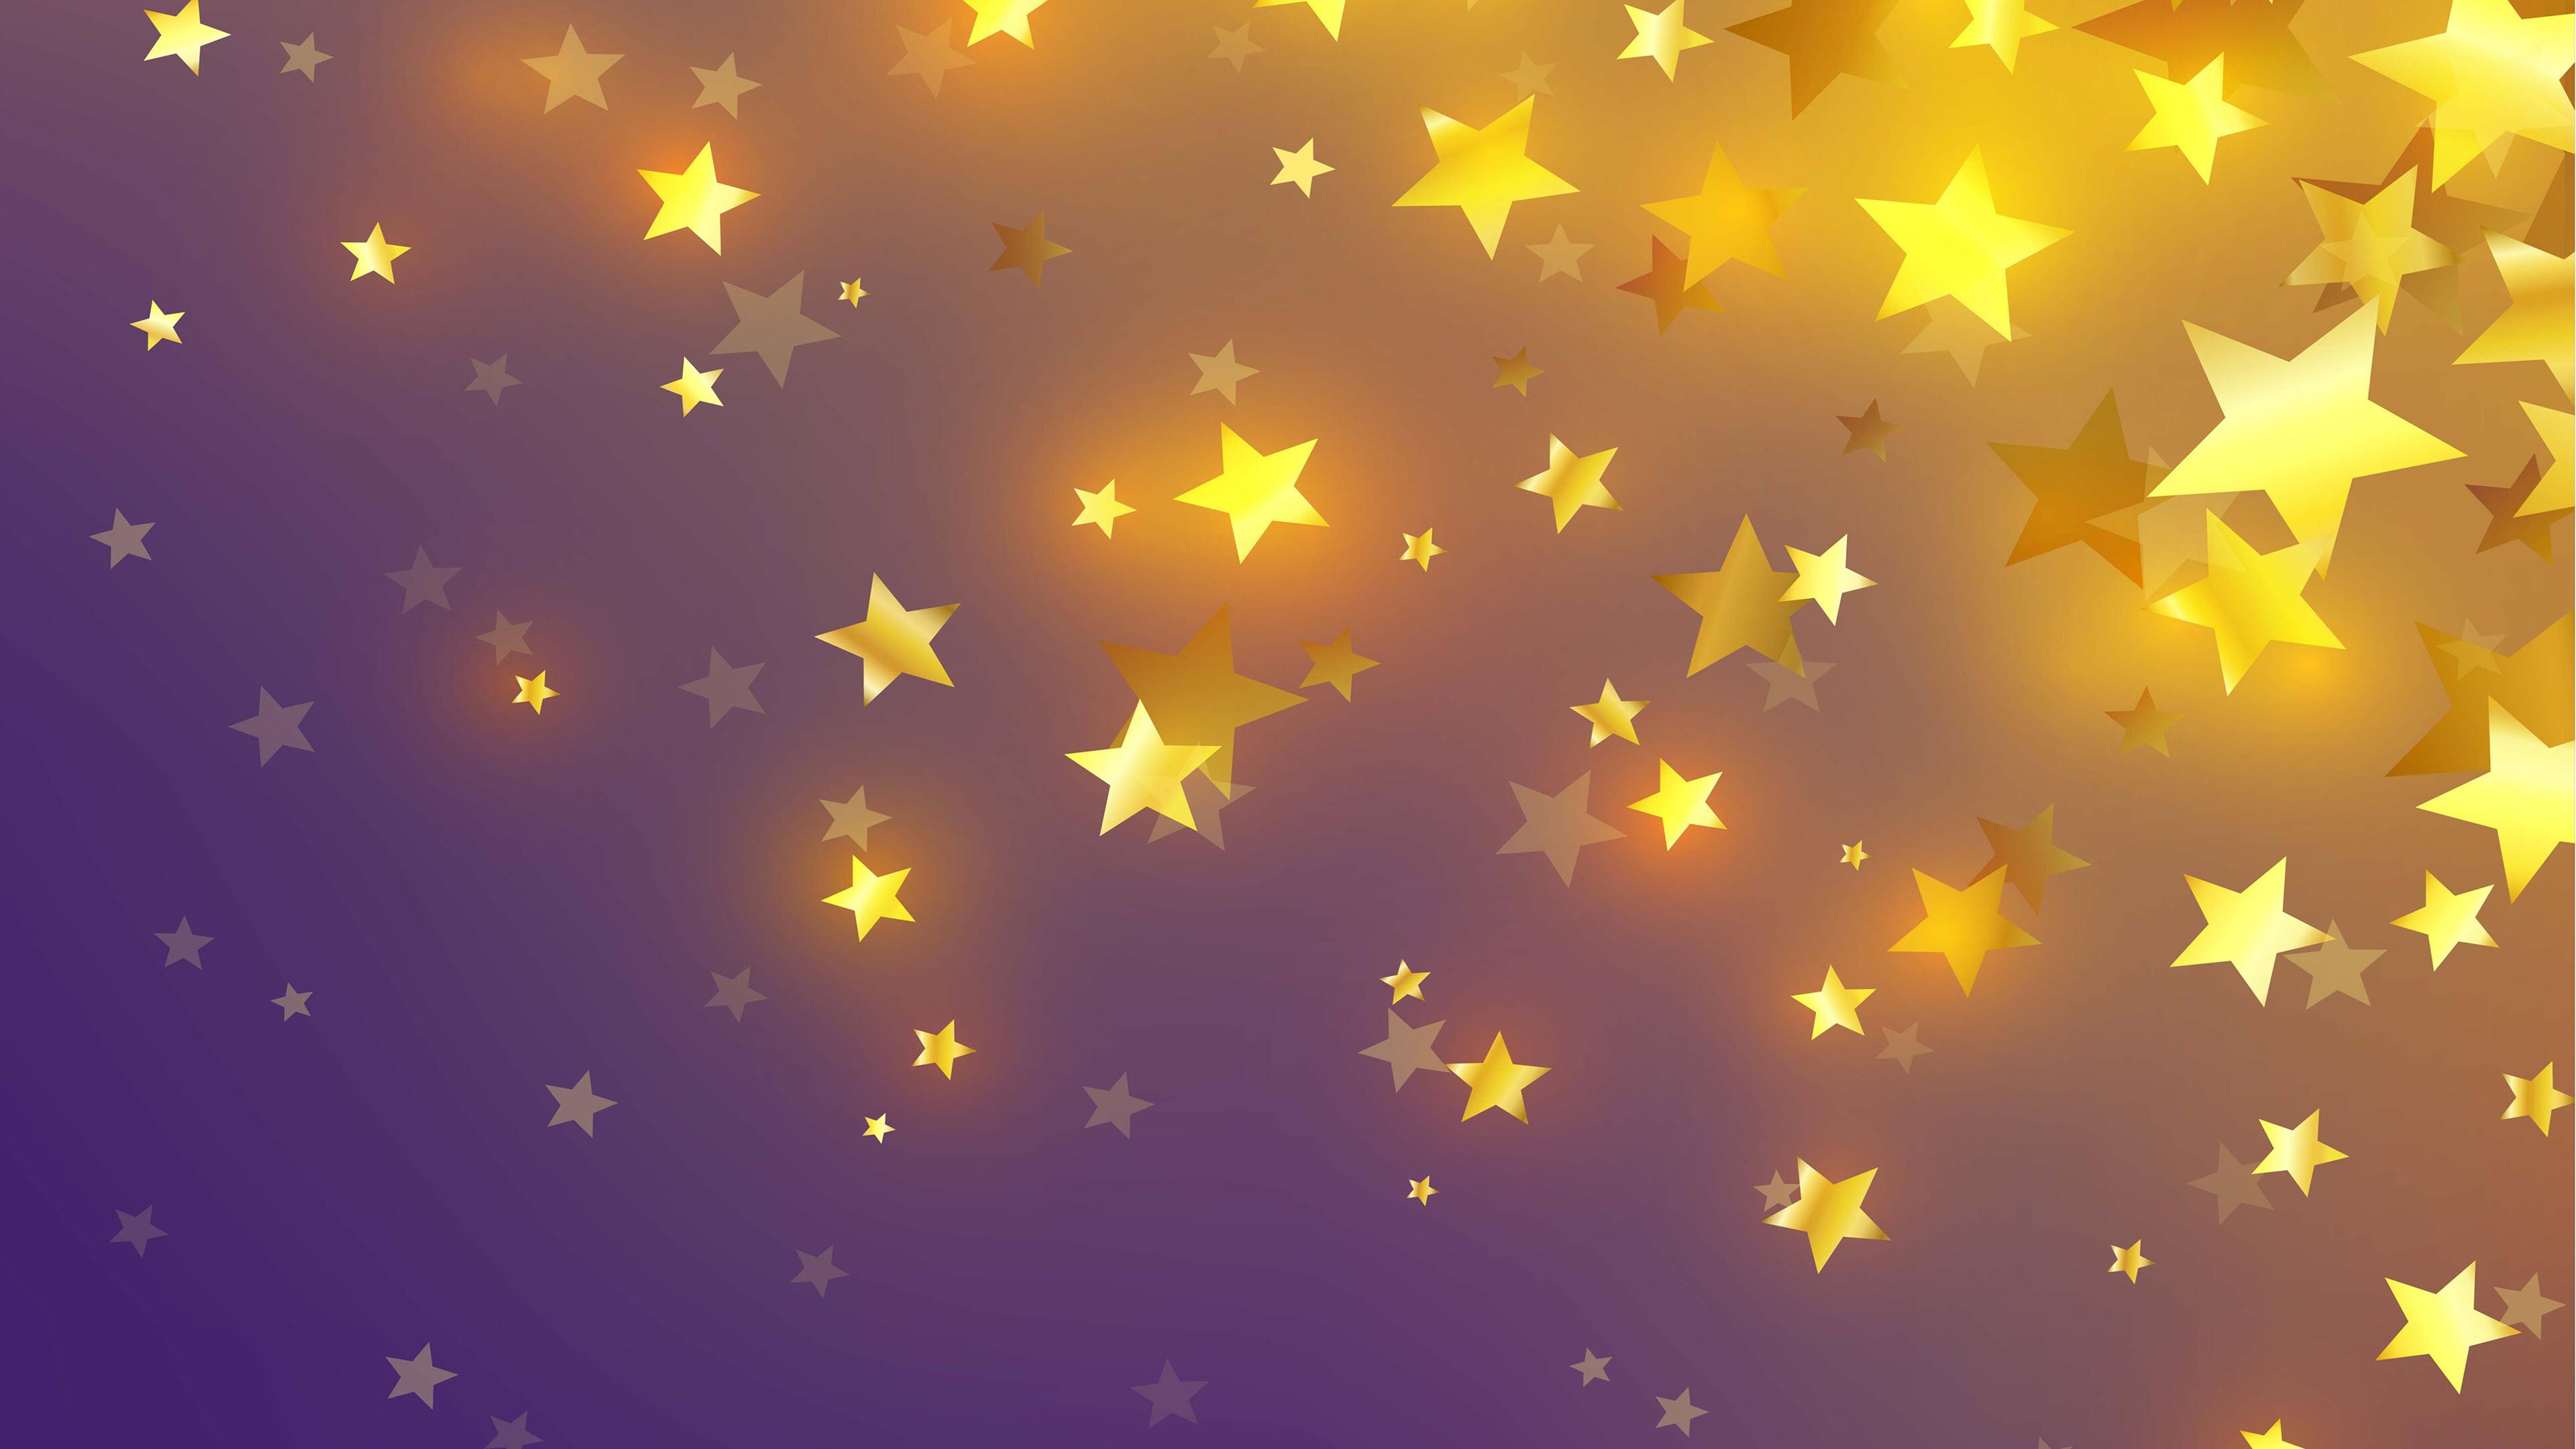 Hình nền ngôi sao may mắn 4K